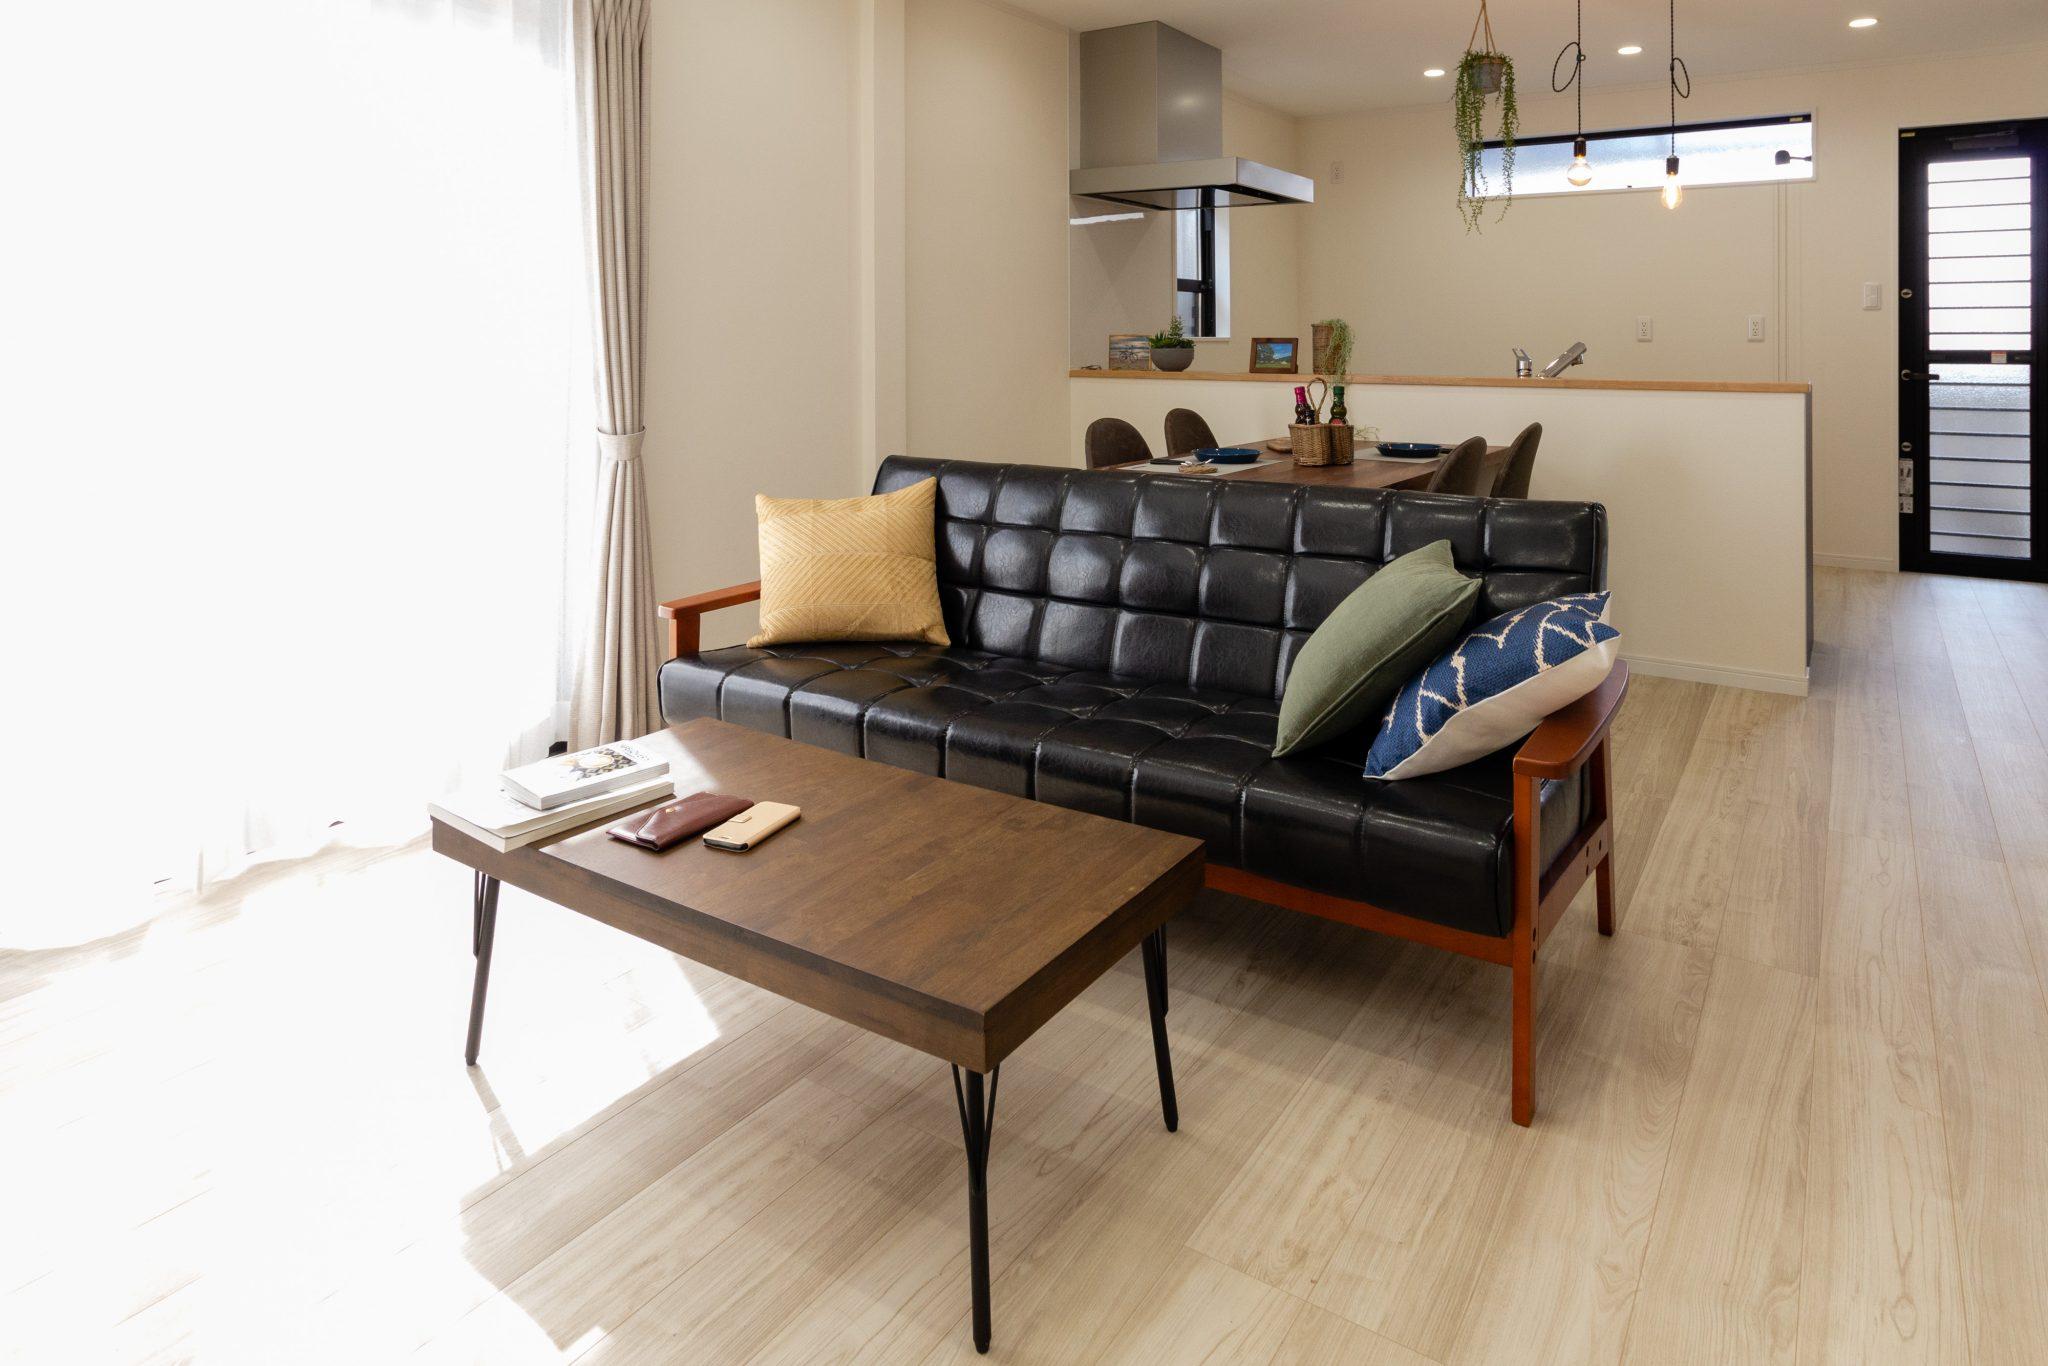 中古住宅が新築同様の住宅性能+おしゃれデザインに一新!